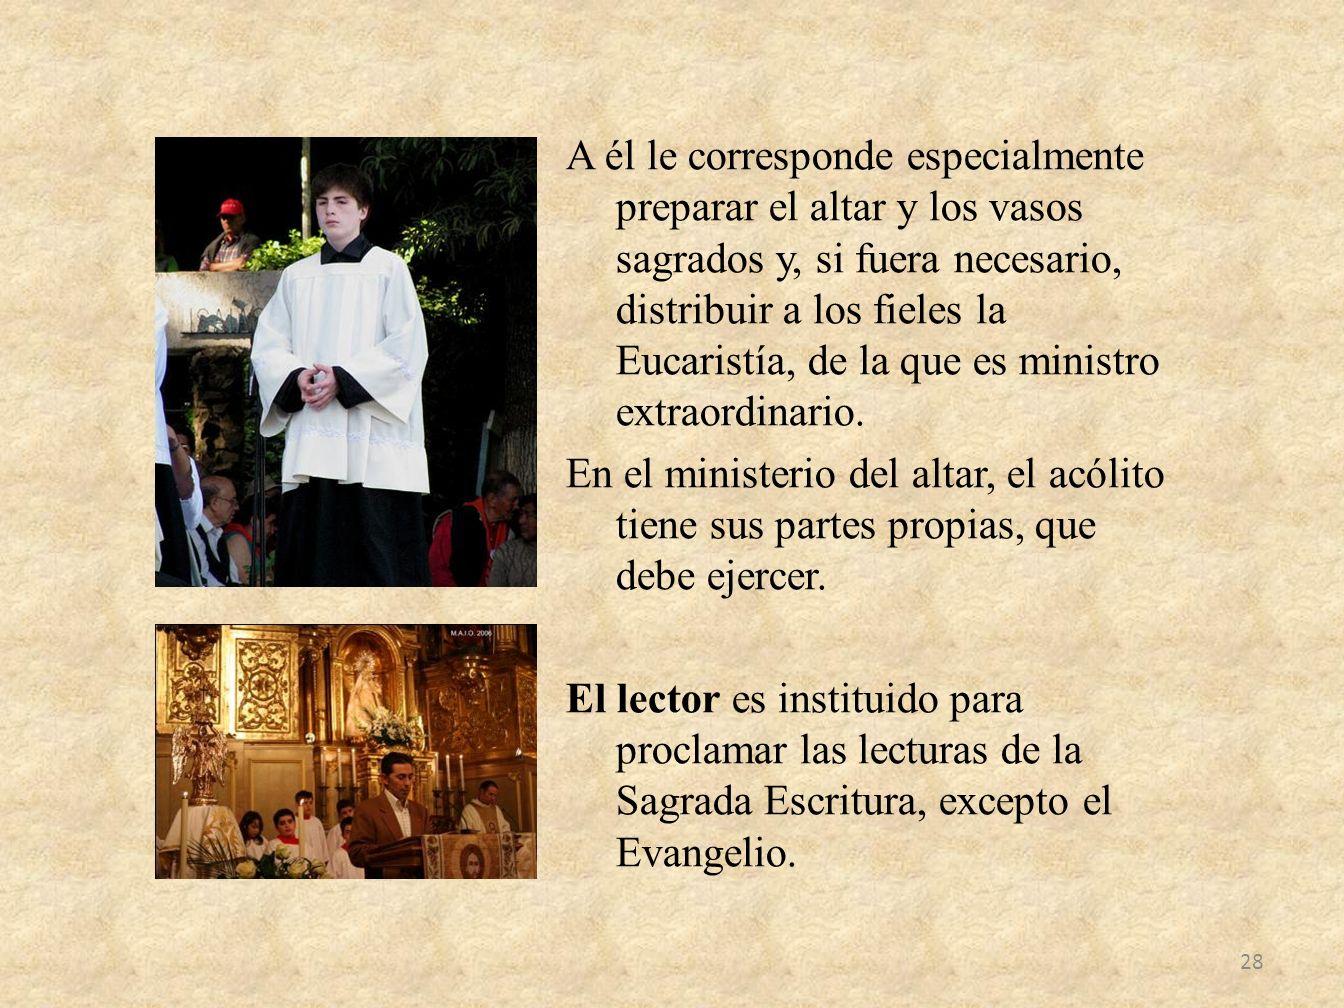 A él le corresponde especialmente preparar el altar y los vasos sagrados y, si fuera necesario, distribuir a los fieles la Eucaristía, de la que es mi